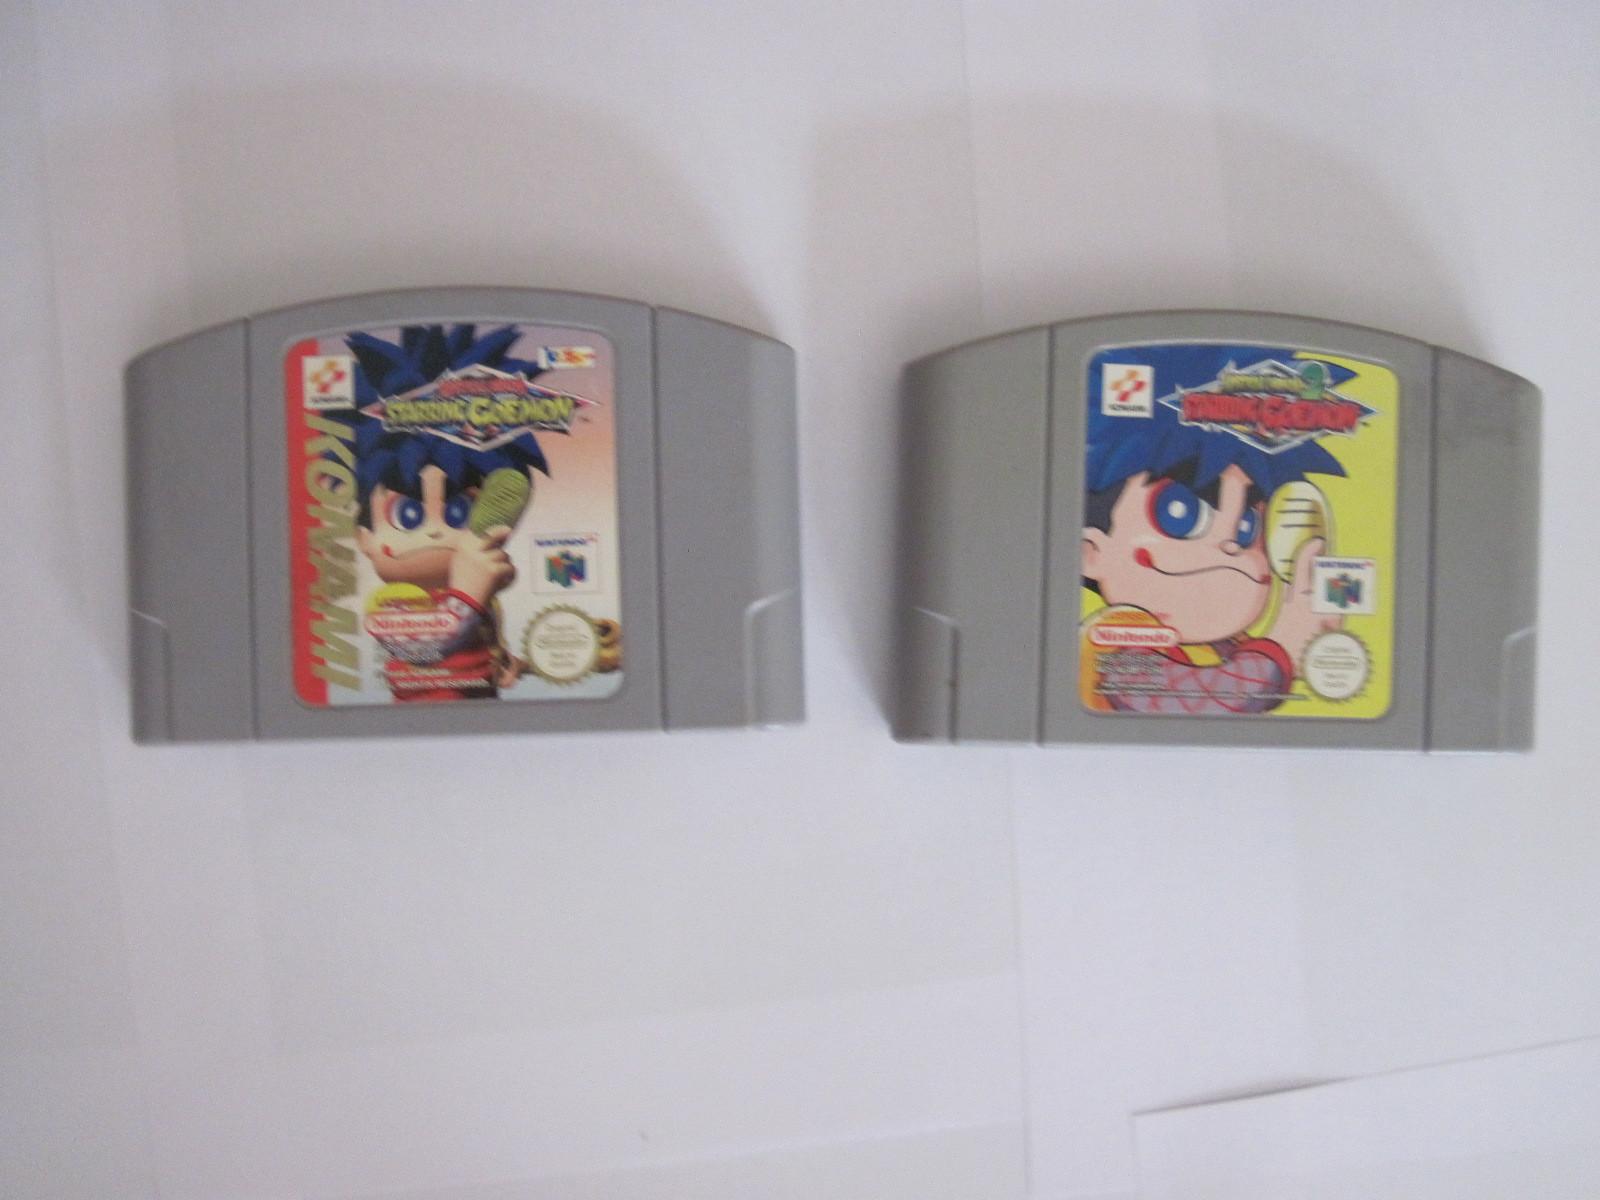 [Estim] Console Super Nes et jeux Nintendo 64 467086IMG3530